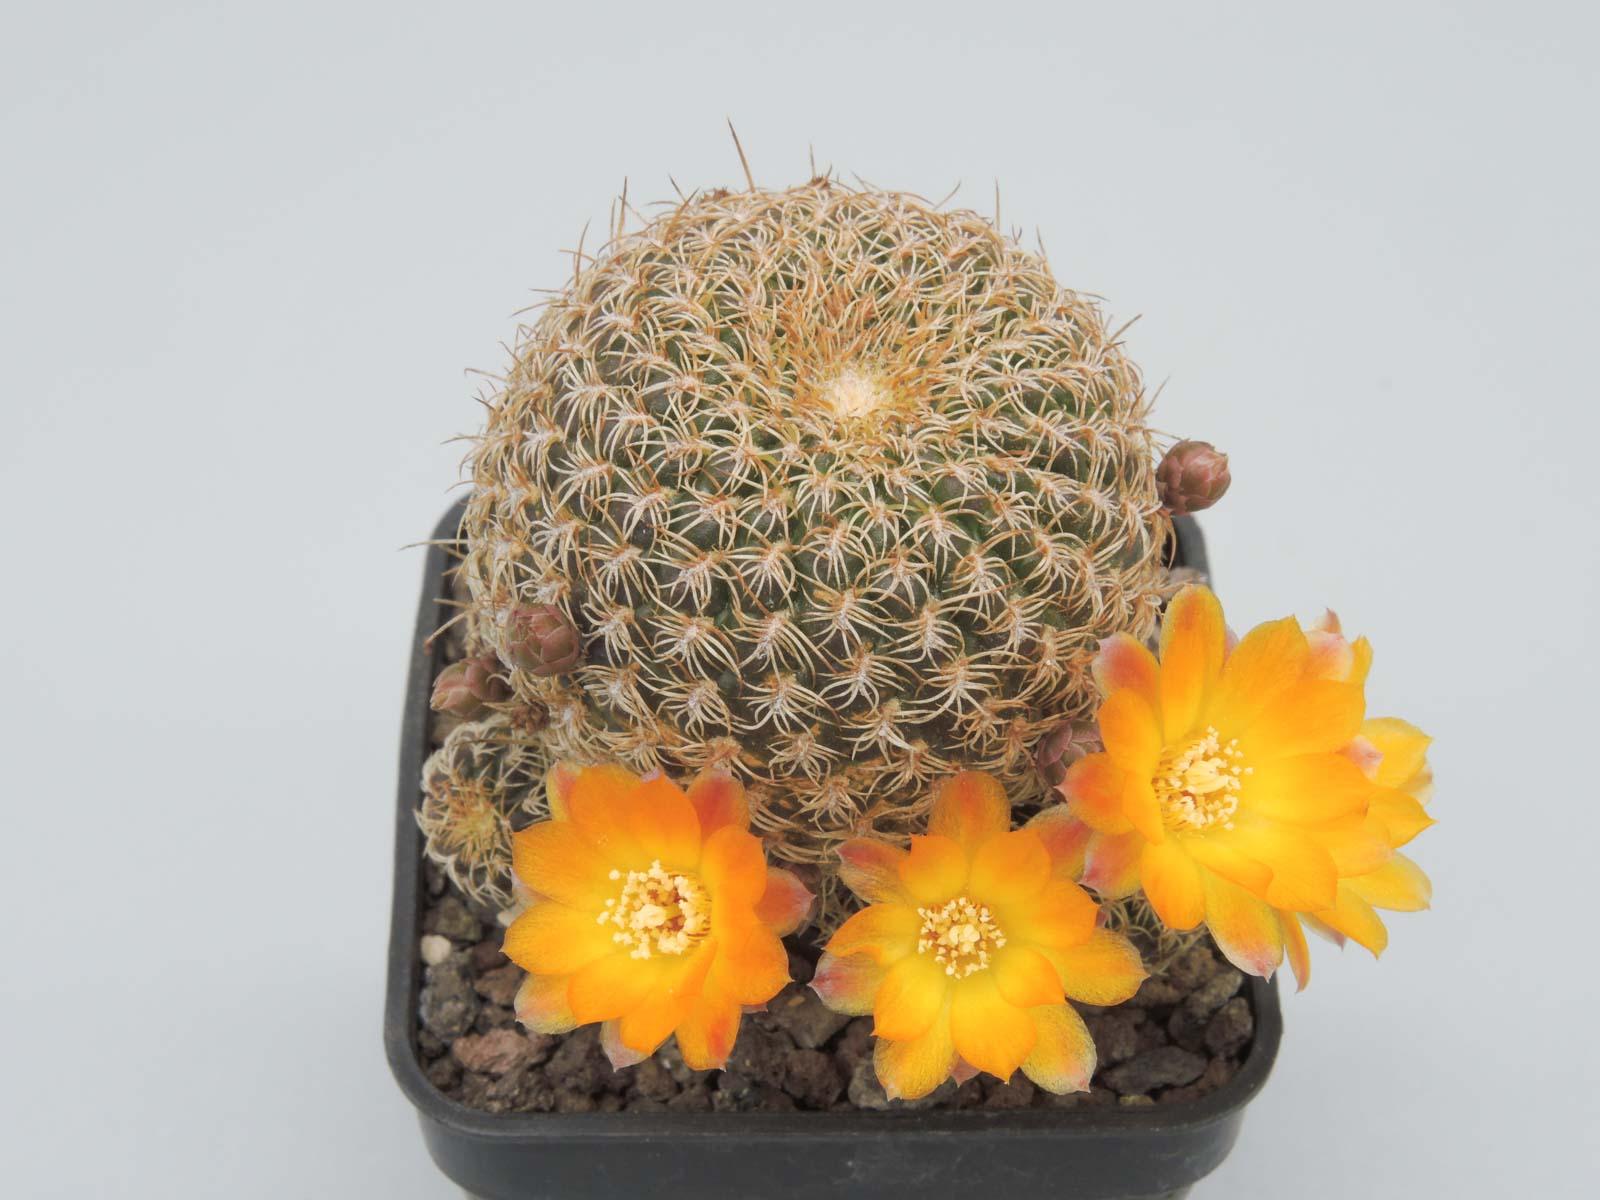 Sulcorebutia breviflora